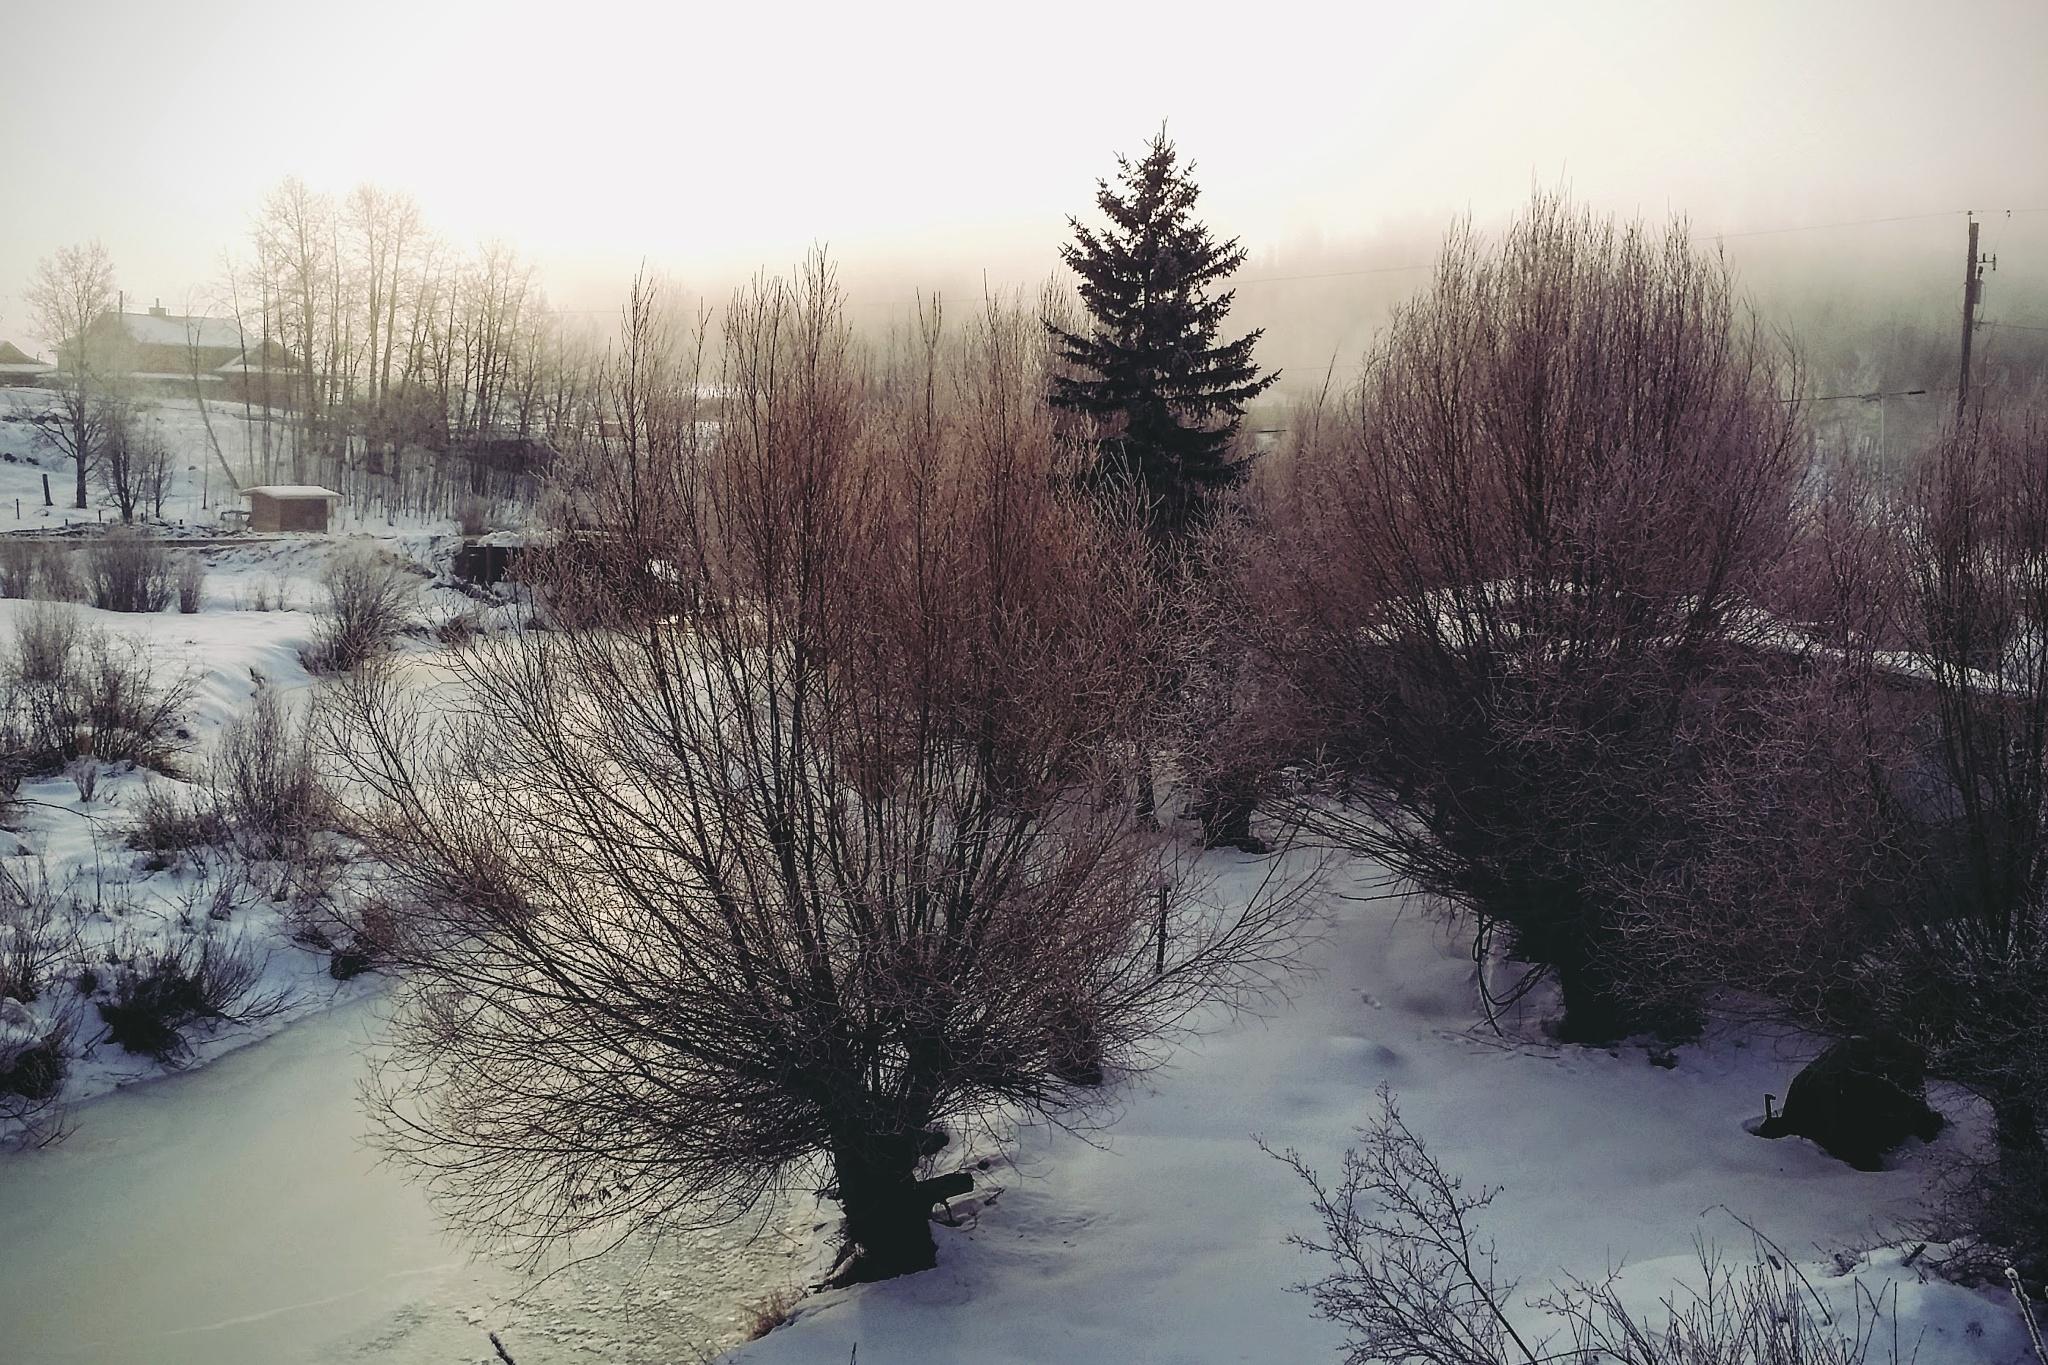 Foggy Day by Brigitte Werner